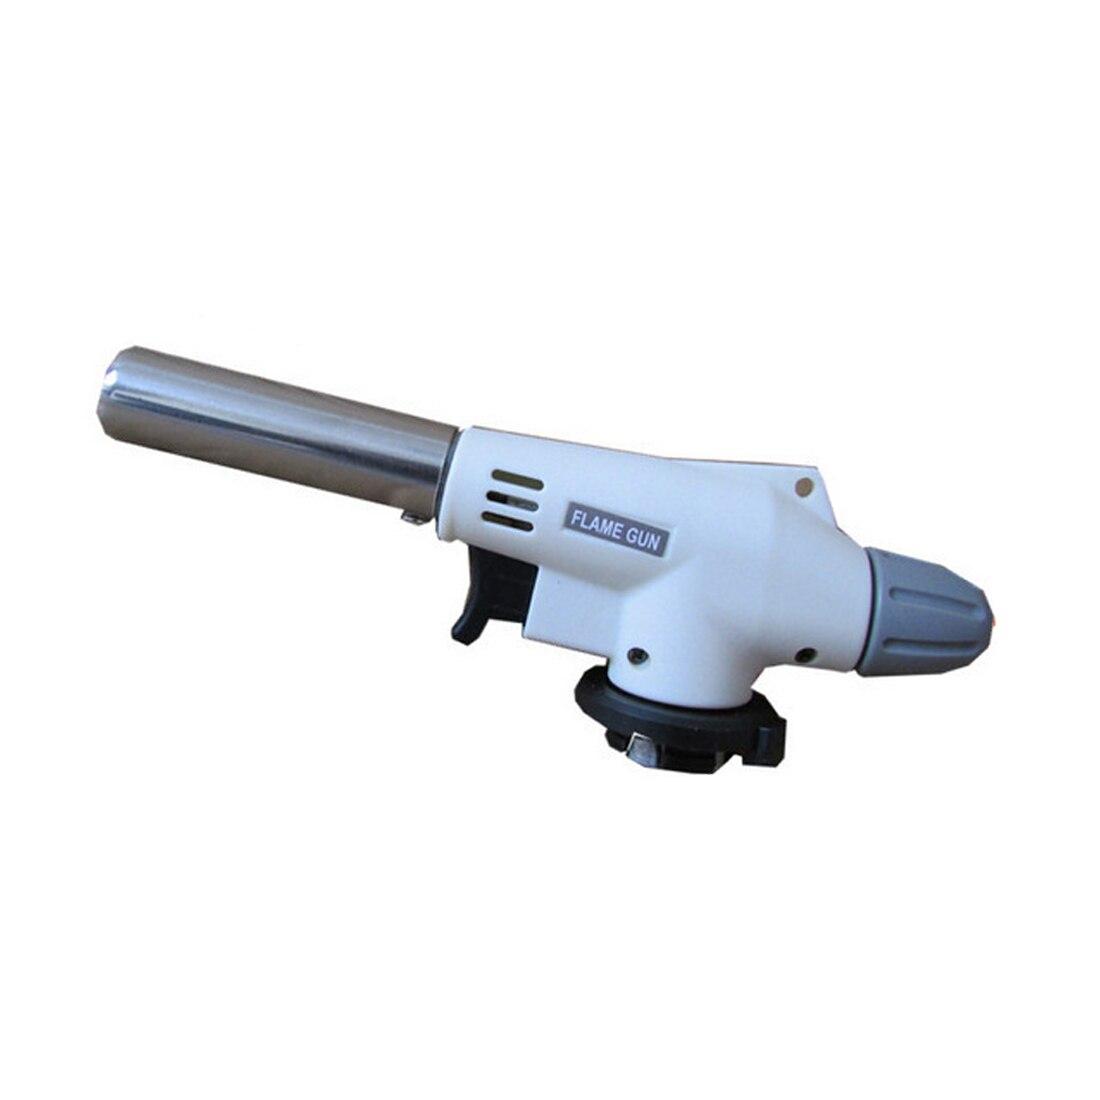 Antorcha de Gas pistola de llama soplete de cocina butano autoignición quemador de gas encendedor de calefacción soldadura quemador de Gas llama